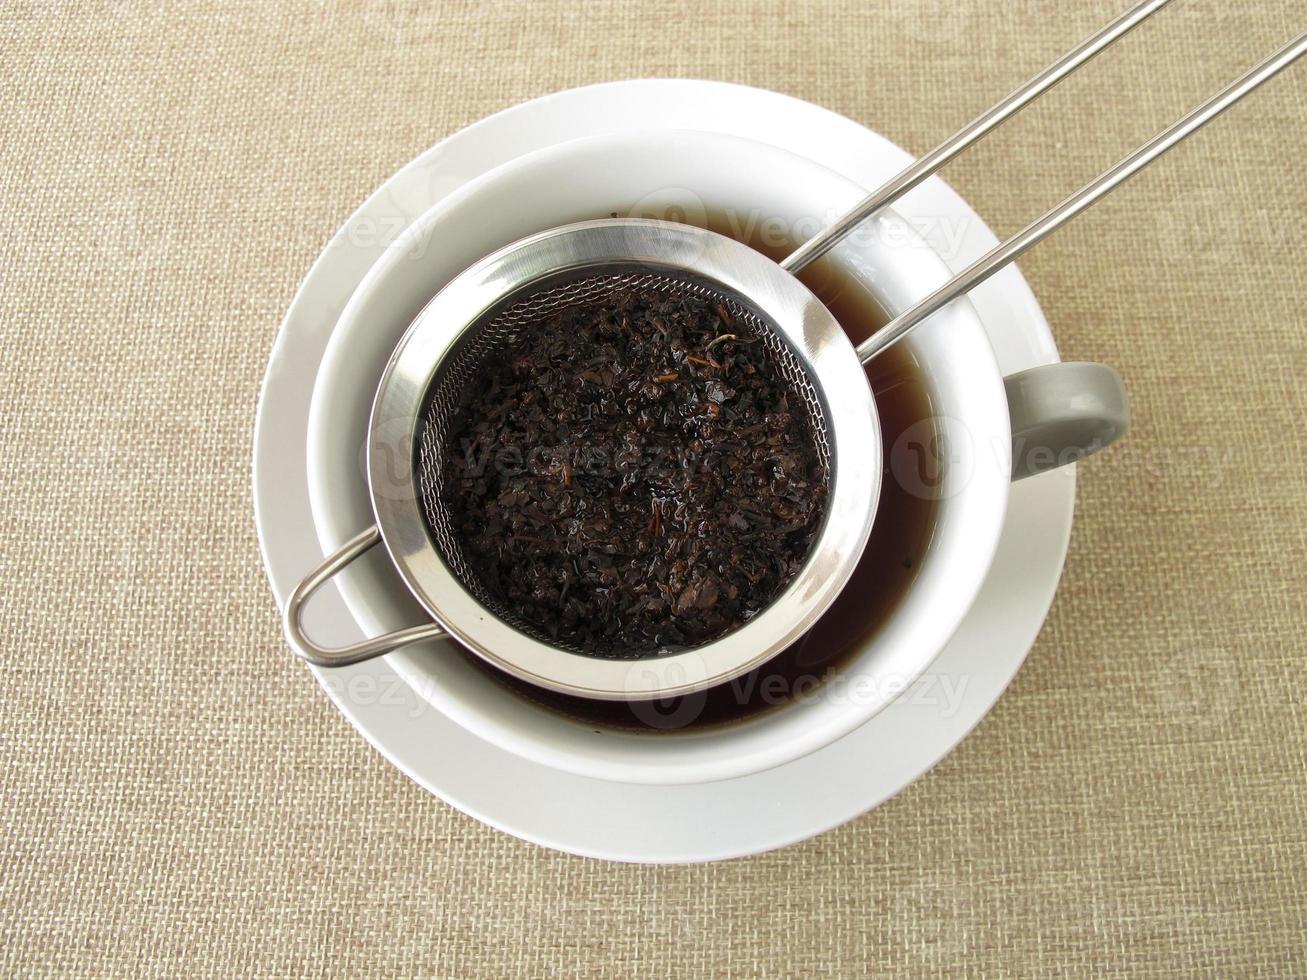 thé noir dans une passoire à thé photo